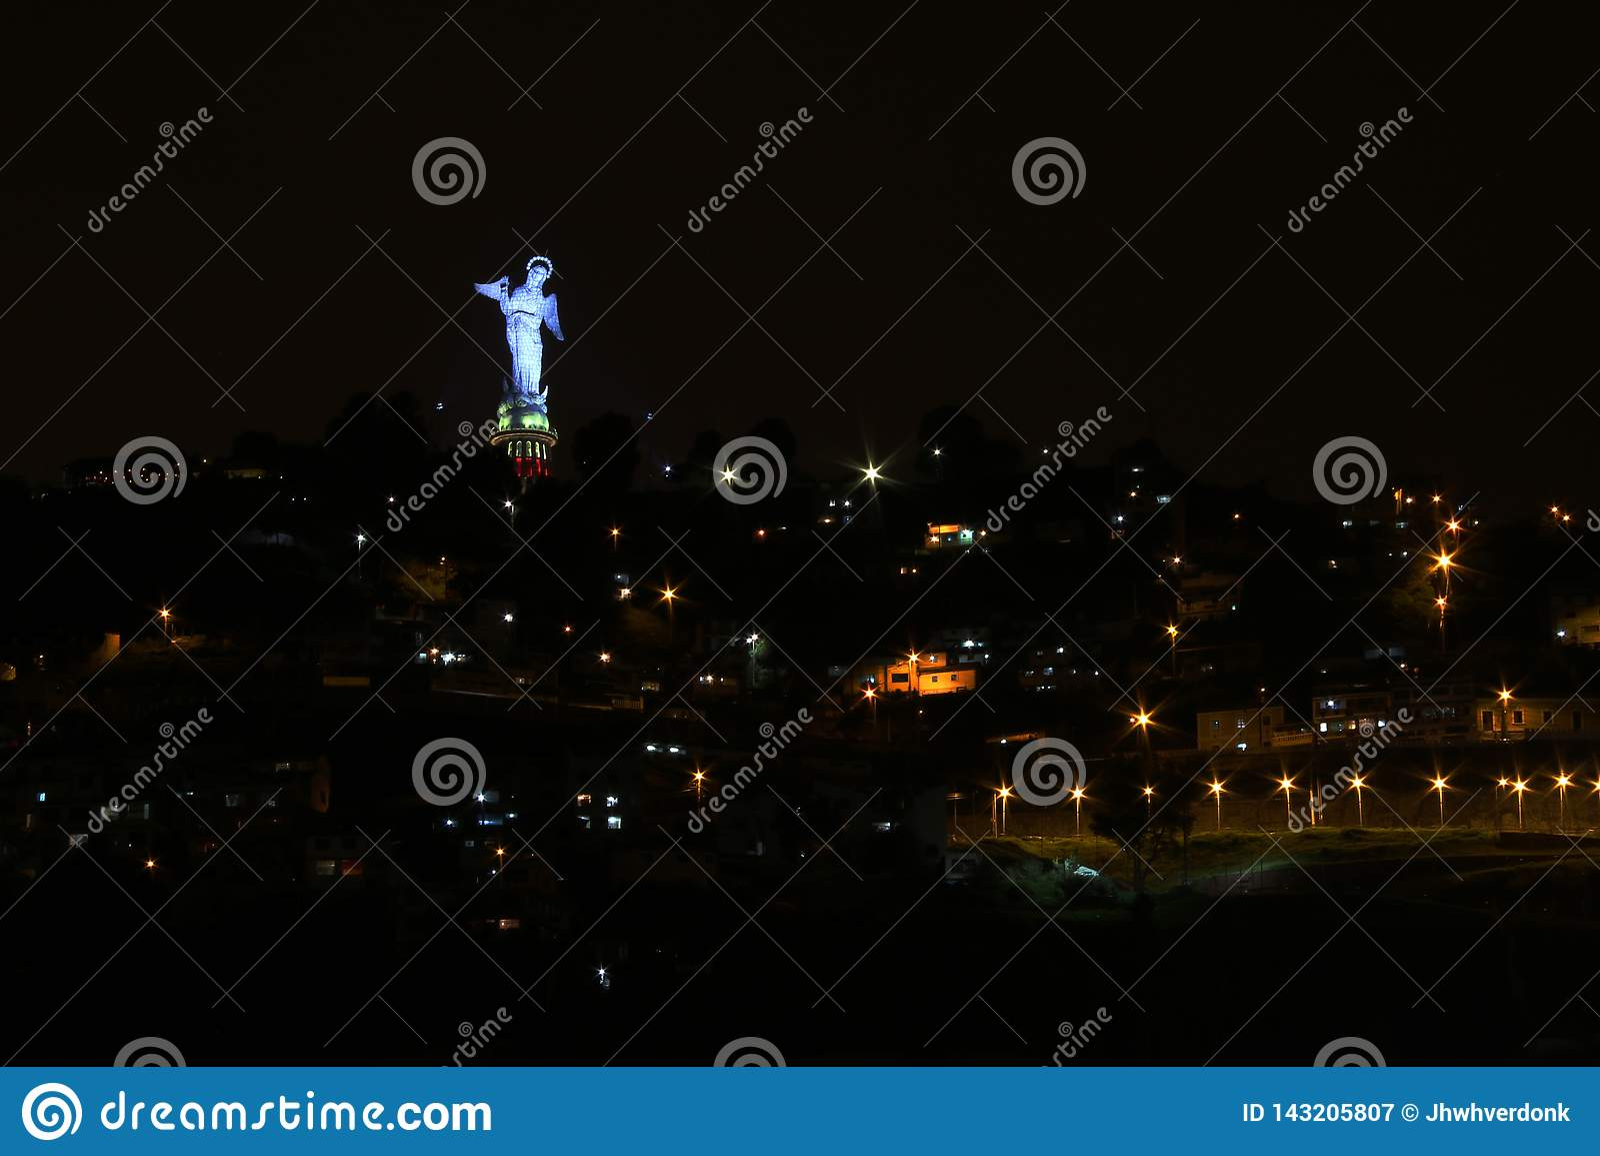 EL Panecillo während der Nacht, beleuchtet in einer blauen Farbe